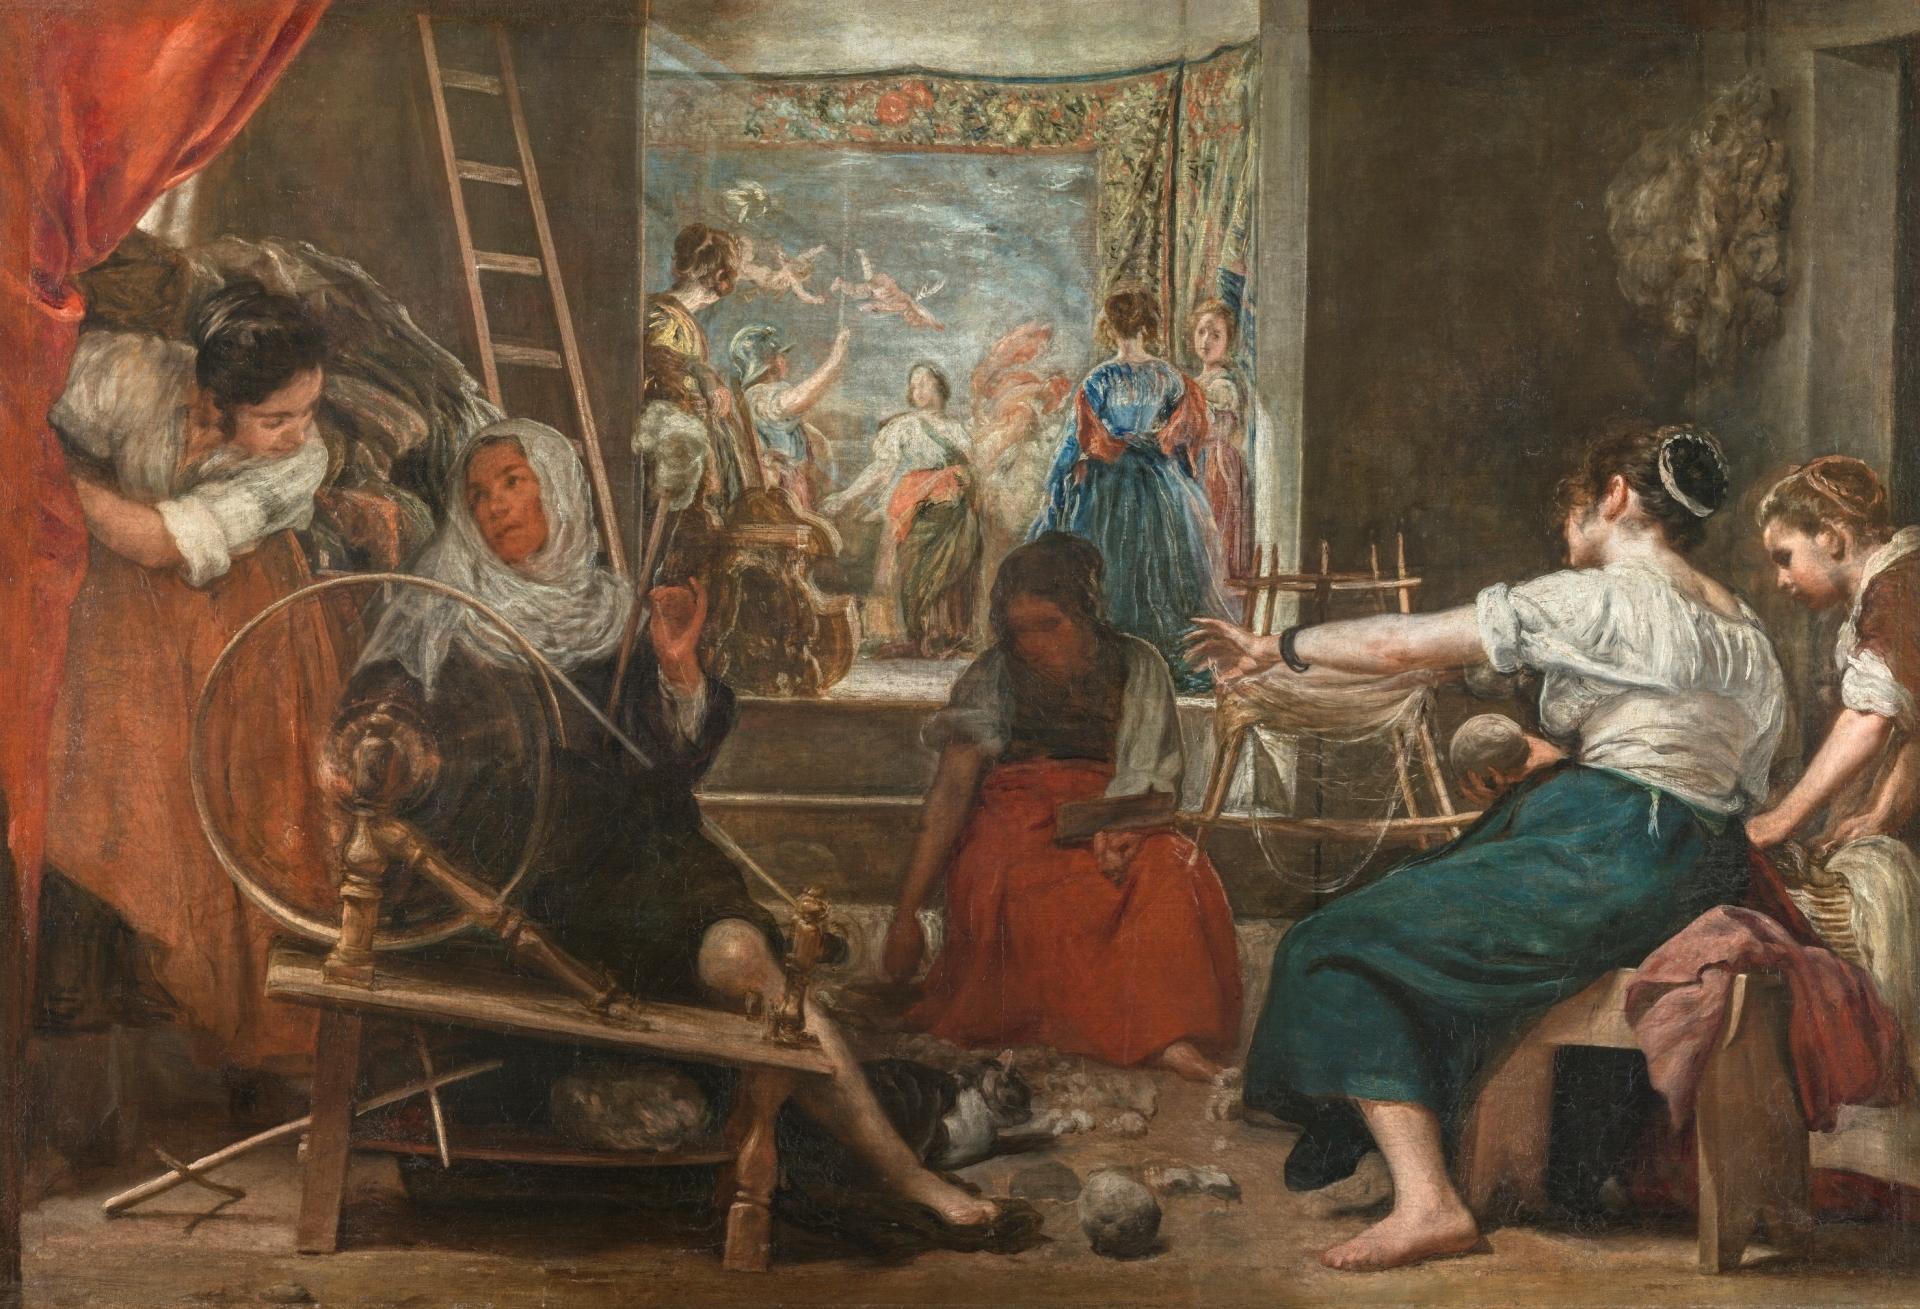 Las hilanderas o la fábula de Aracne. Autor: Diego Velázquez